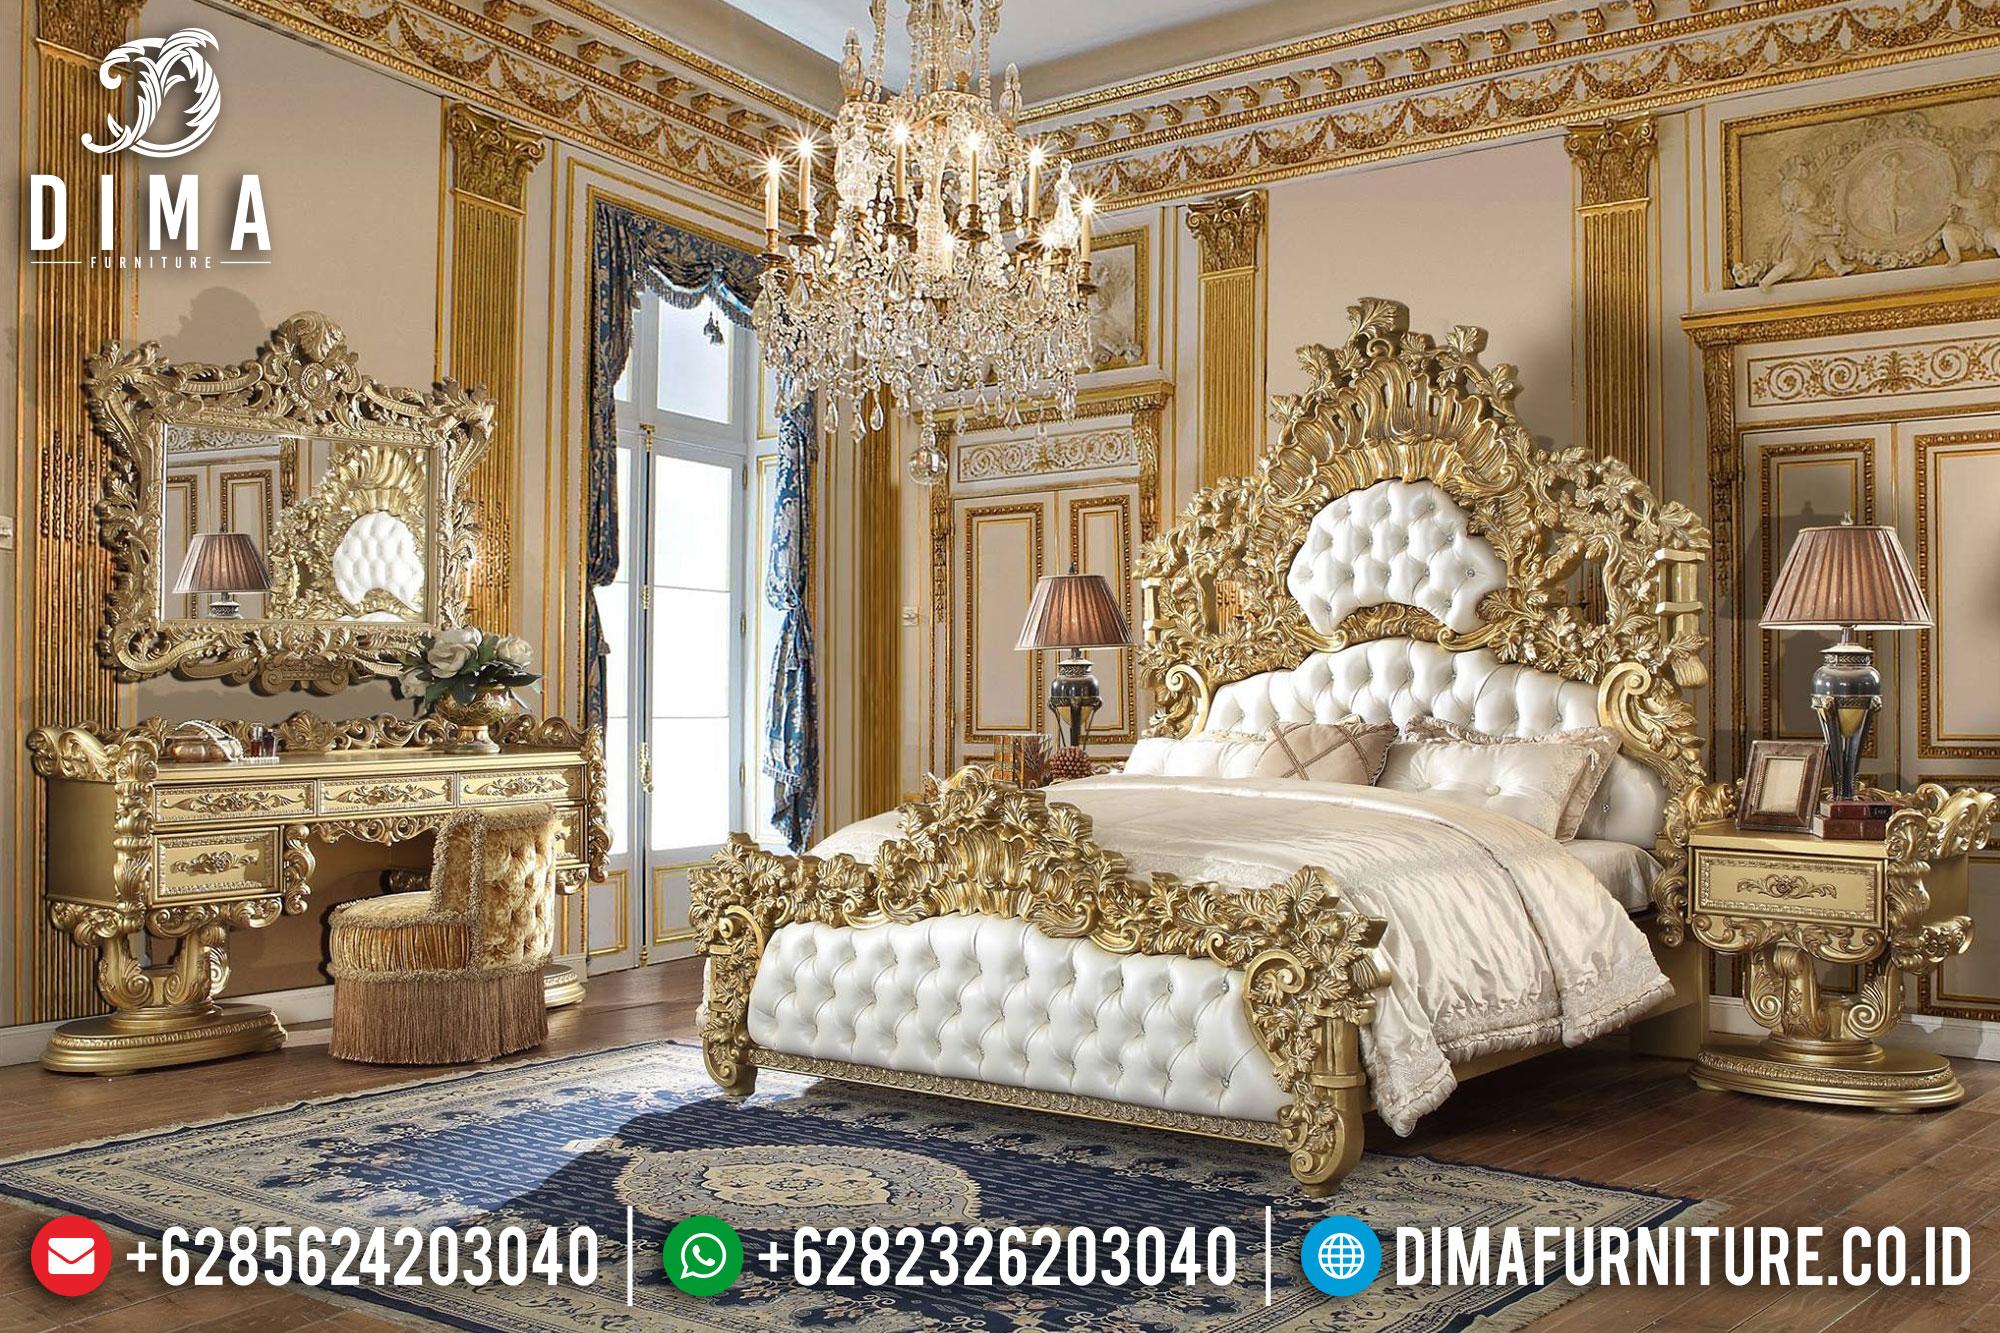 Model Tempat Tidur Mewah Ukiran Jepara Gold Leaf DF-0934